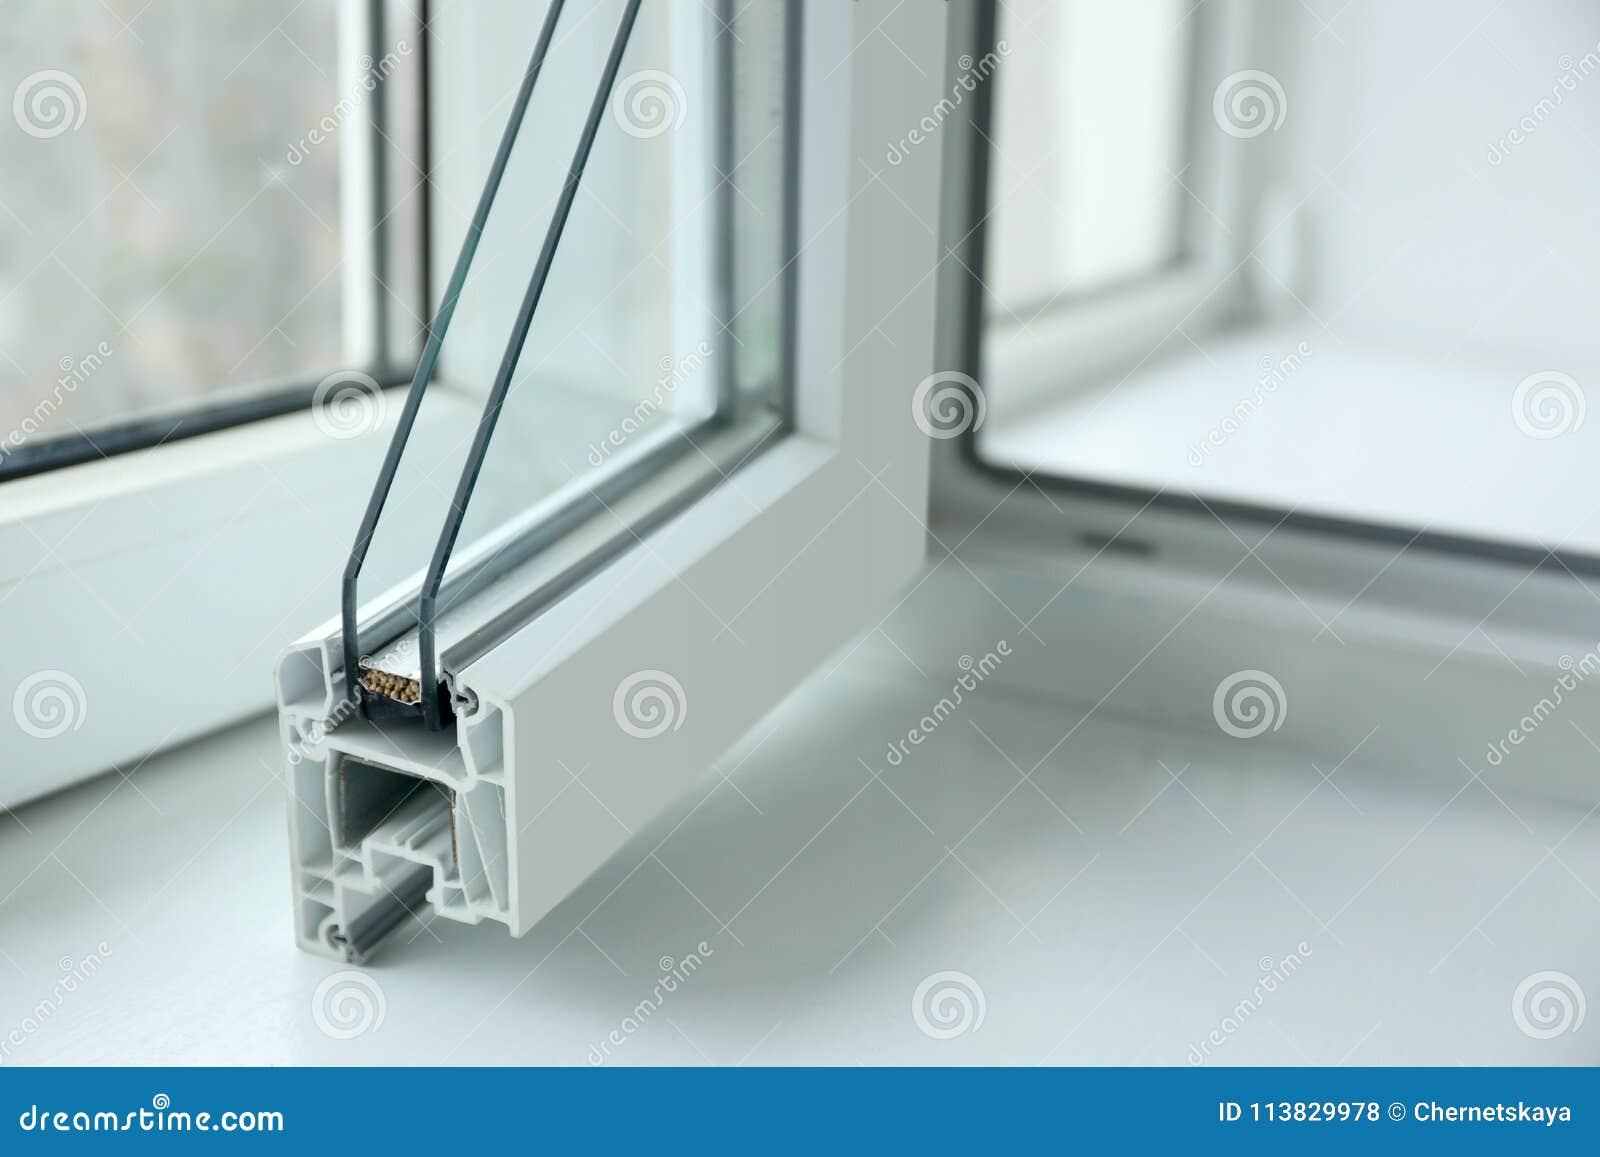 窗口外形样品在窗台特写镜头的